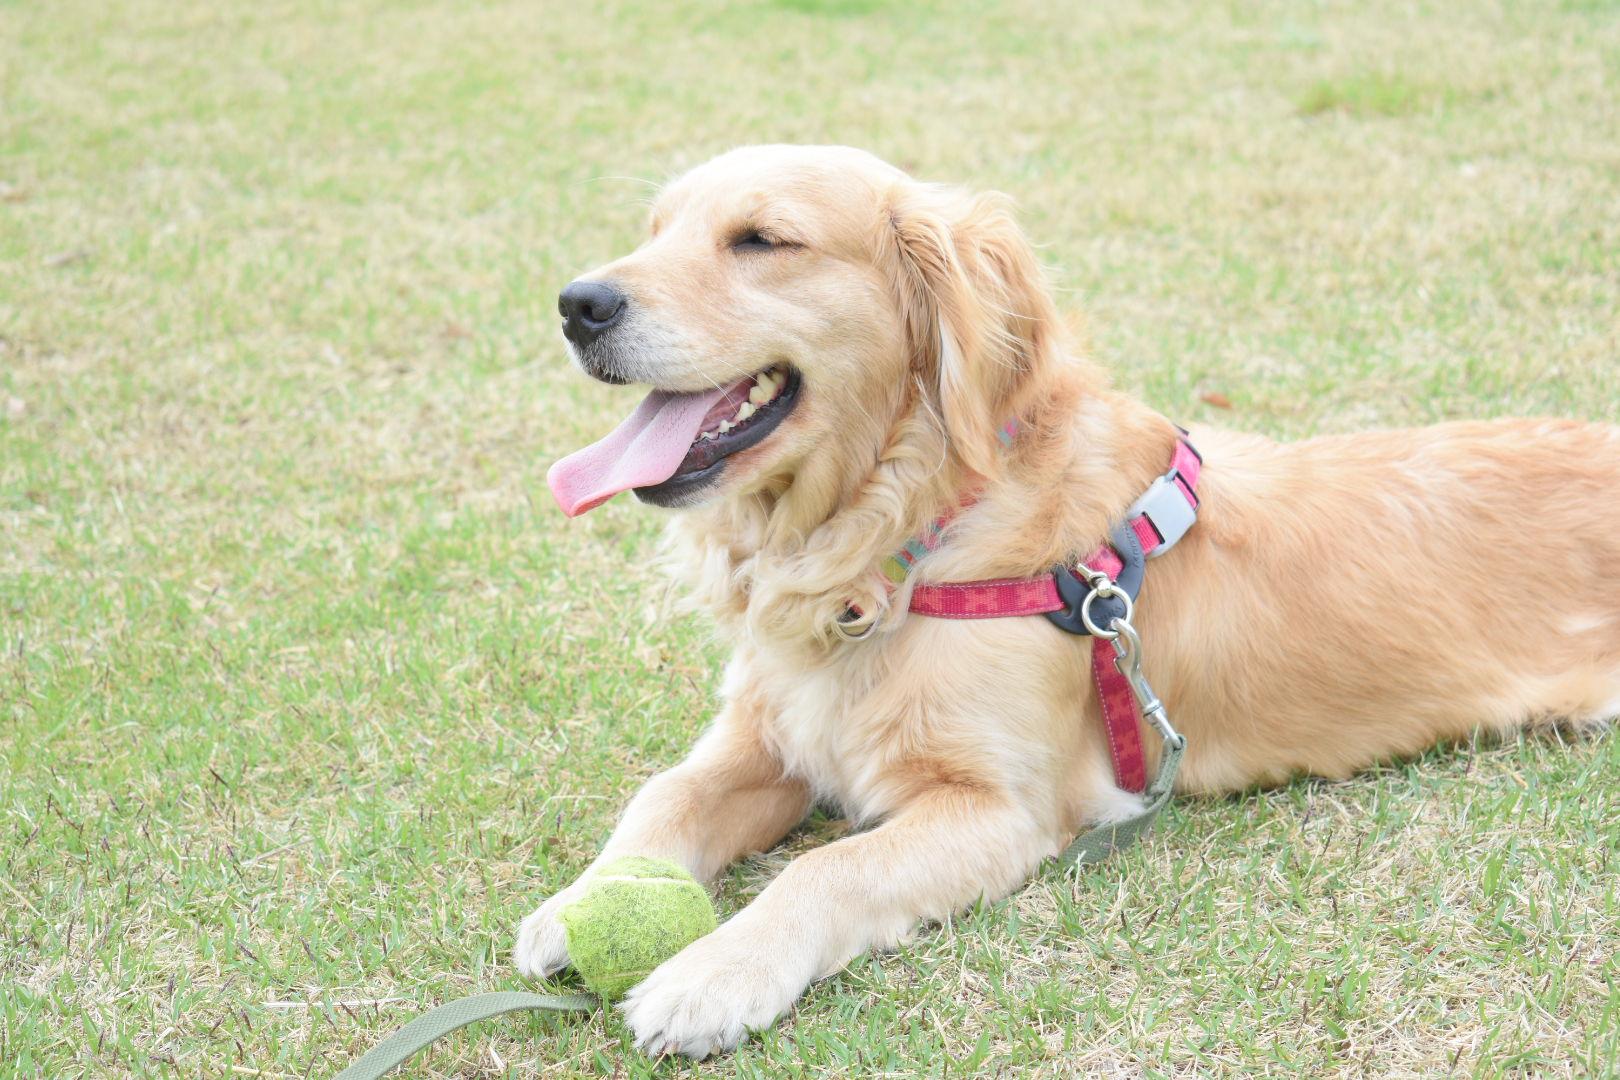 GW(ゴールデンウィーク)に愛犬と一緒に旅行に行きたい!旅先でこんな症状が出た場合はどうすれば良い?